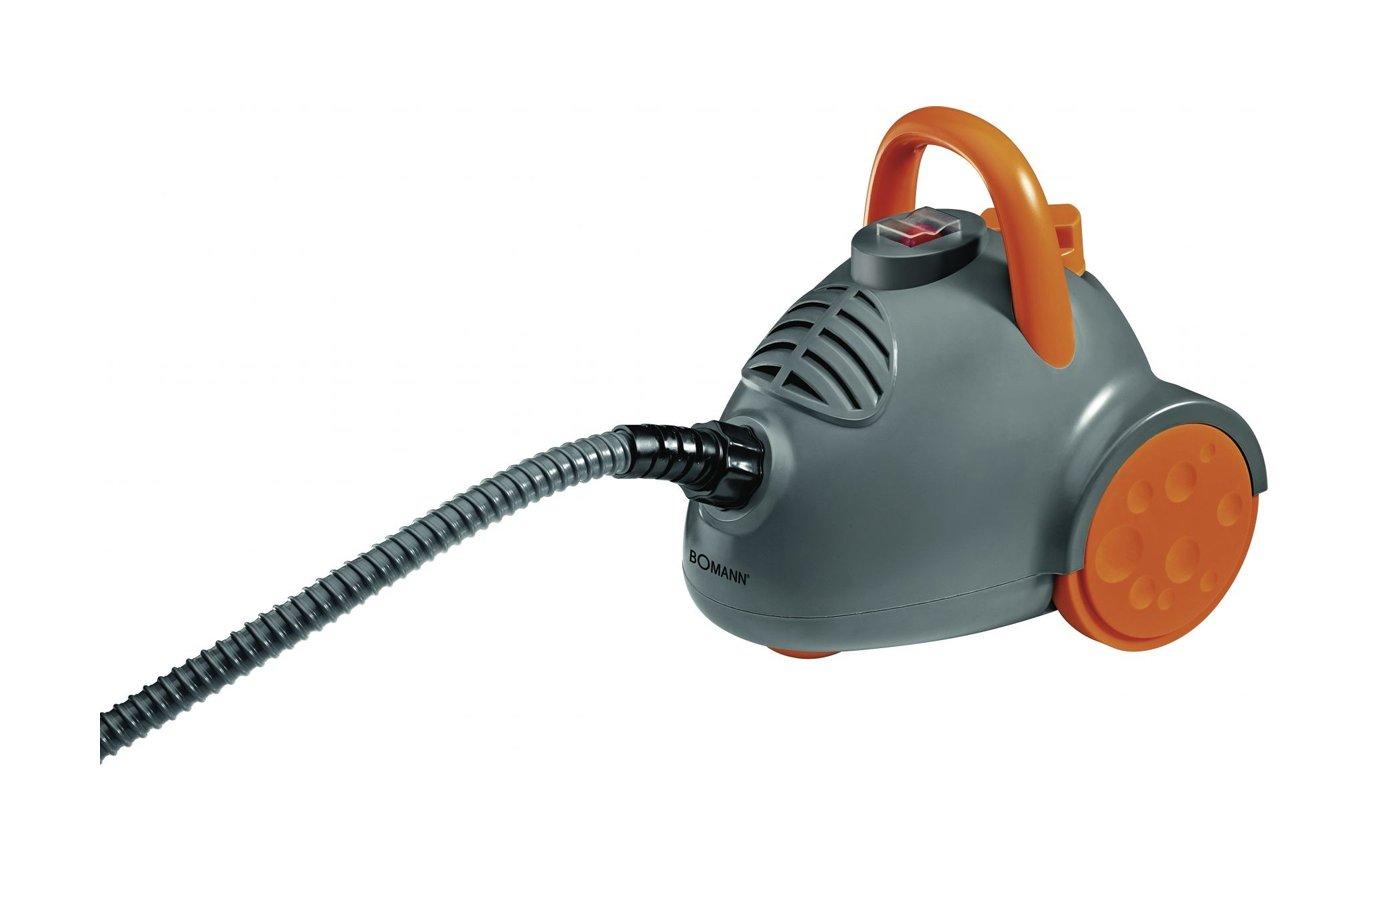 Отпариватель напольный BOMANN DR 906 CB antrazi-orange